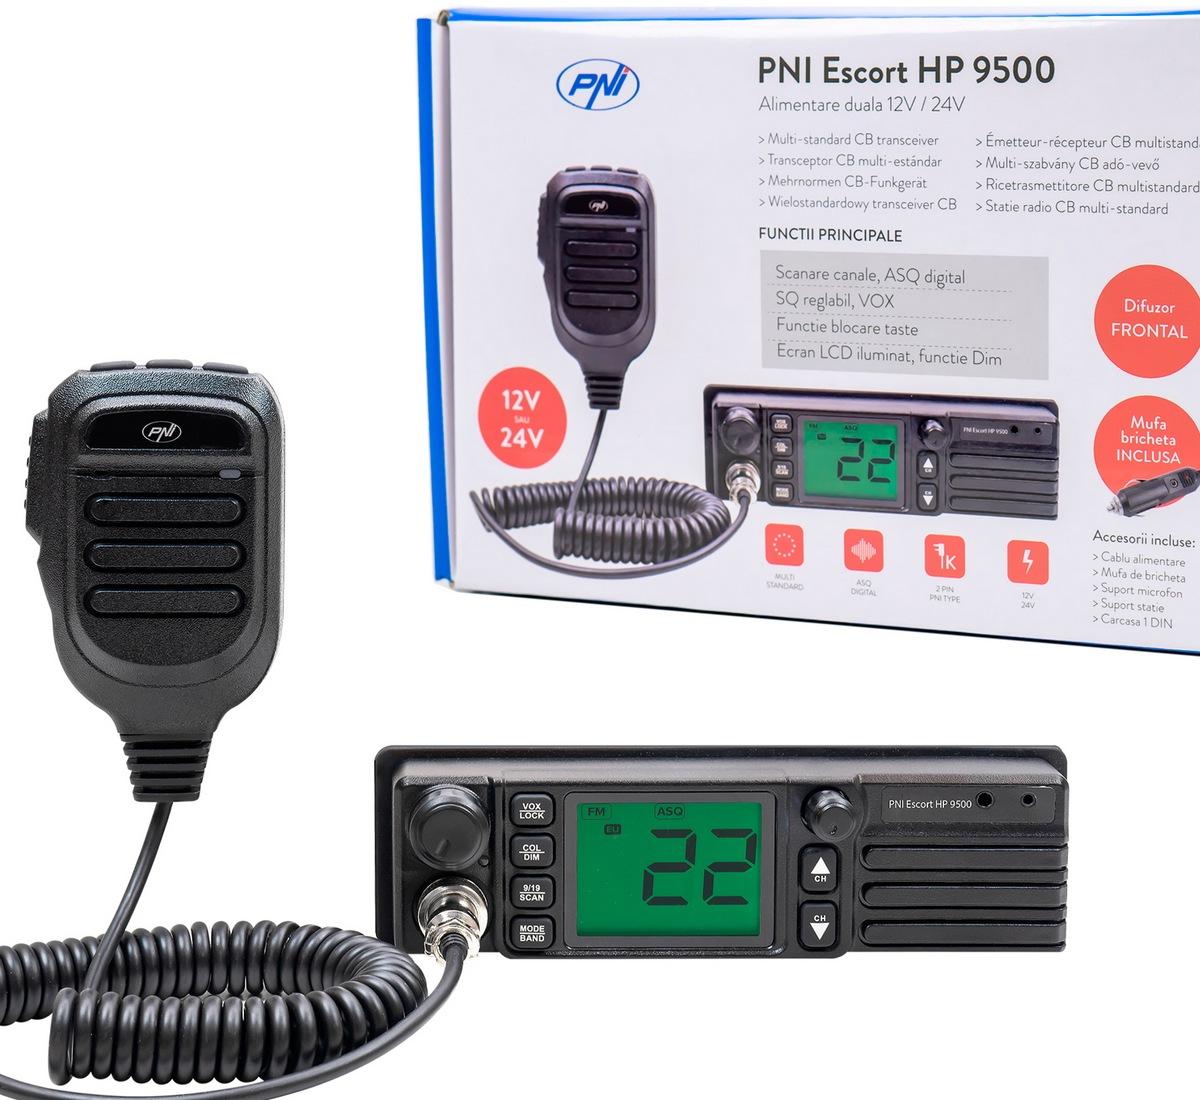 PNI Escort HP 9500